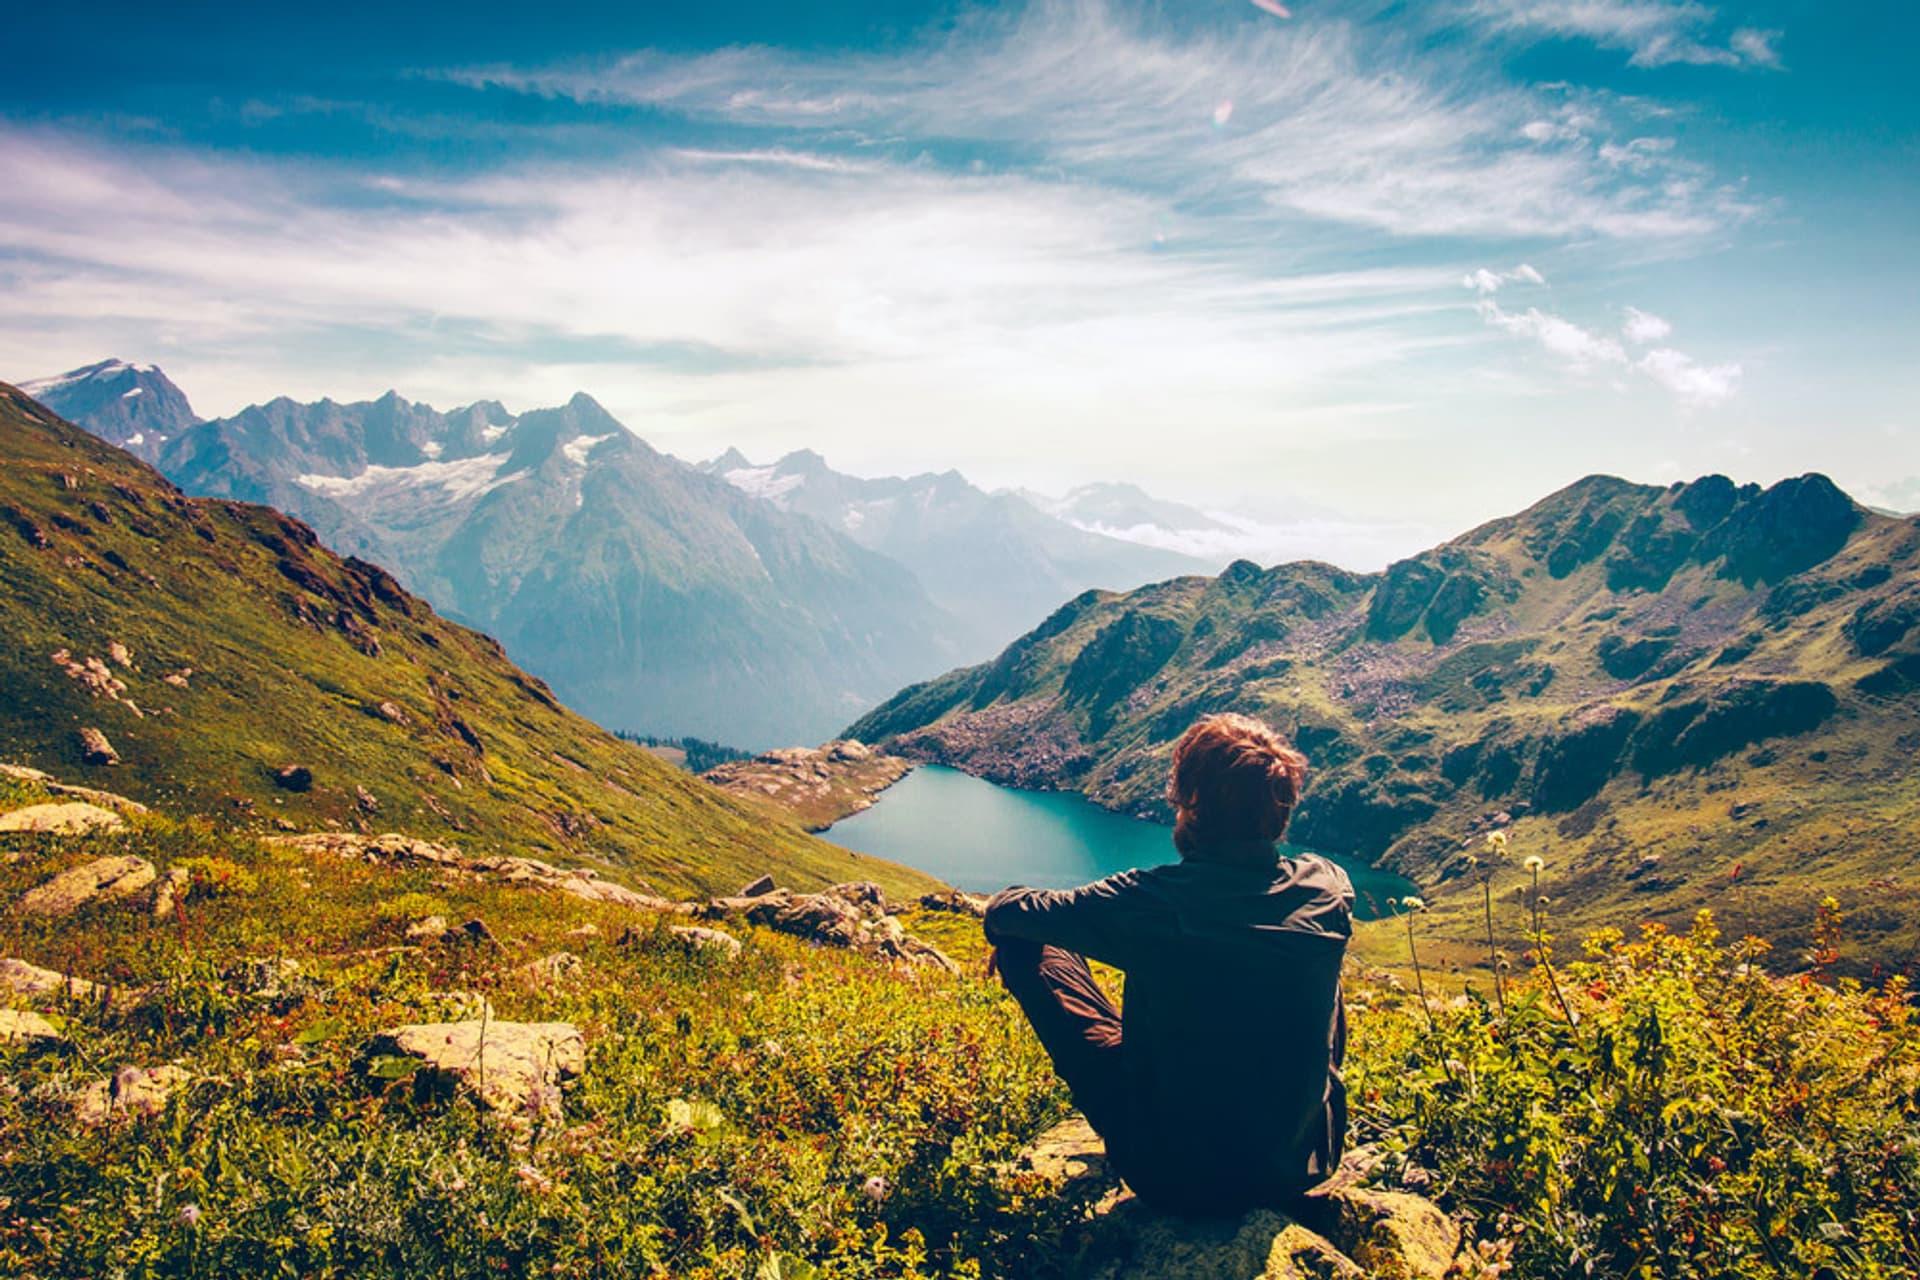 Ein Mann sitzt auf einem Berg und schaut auf einen See.